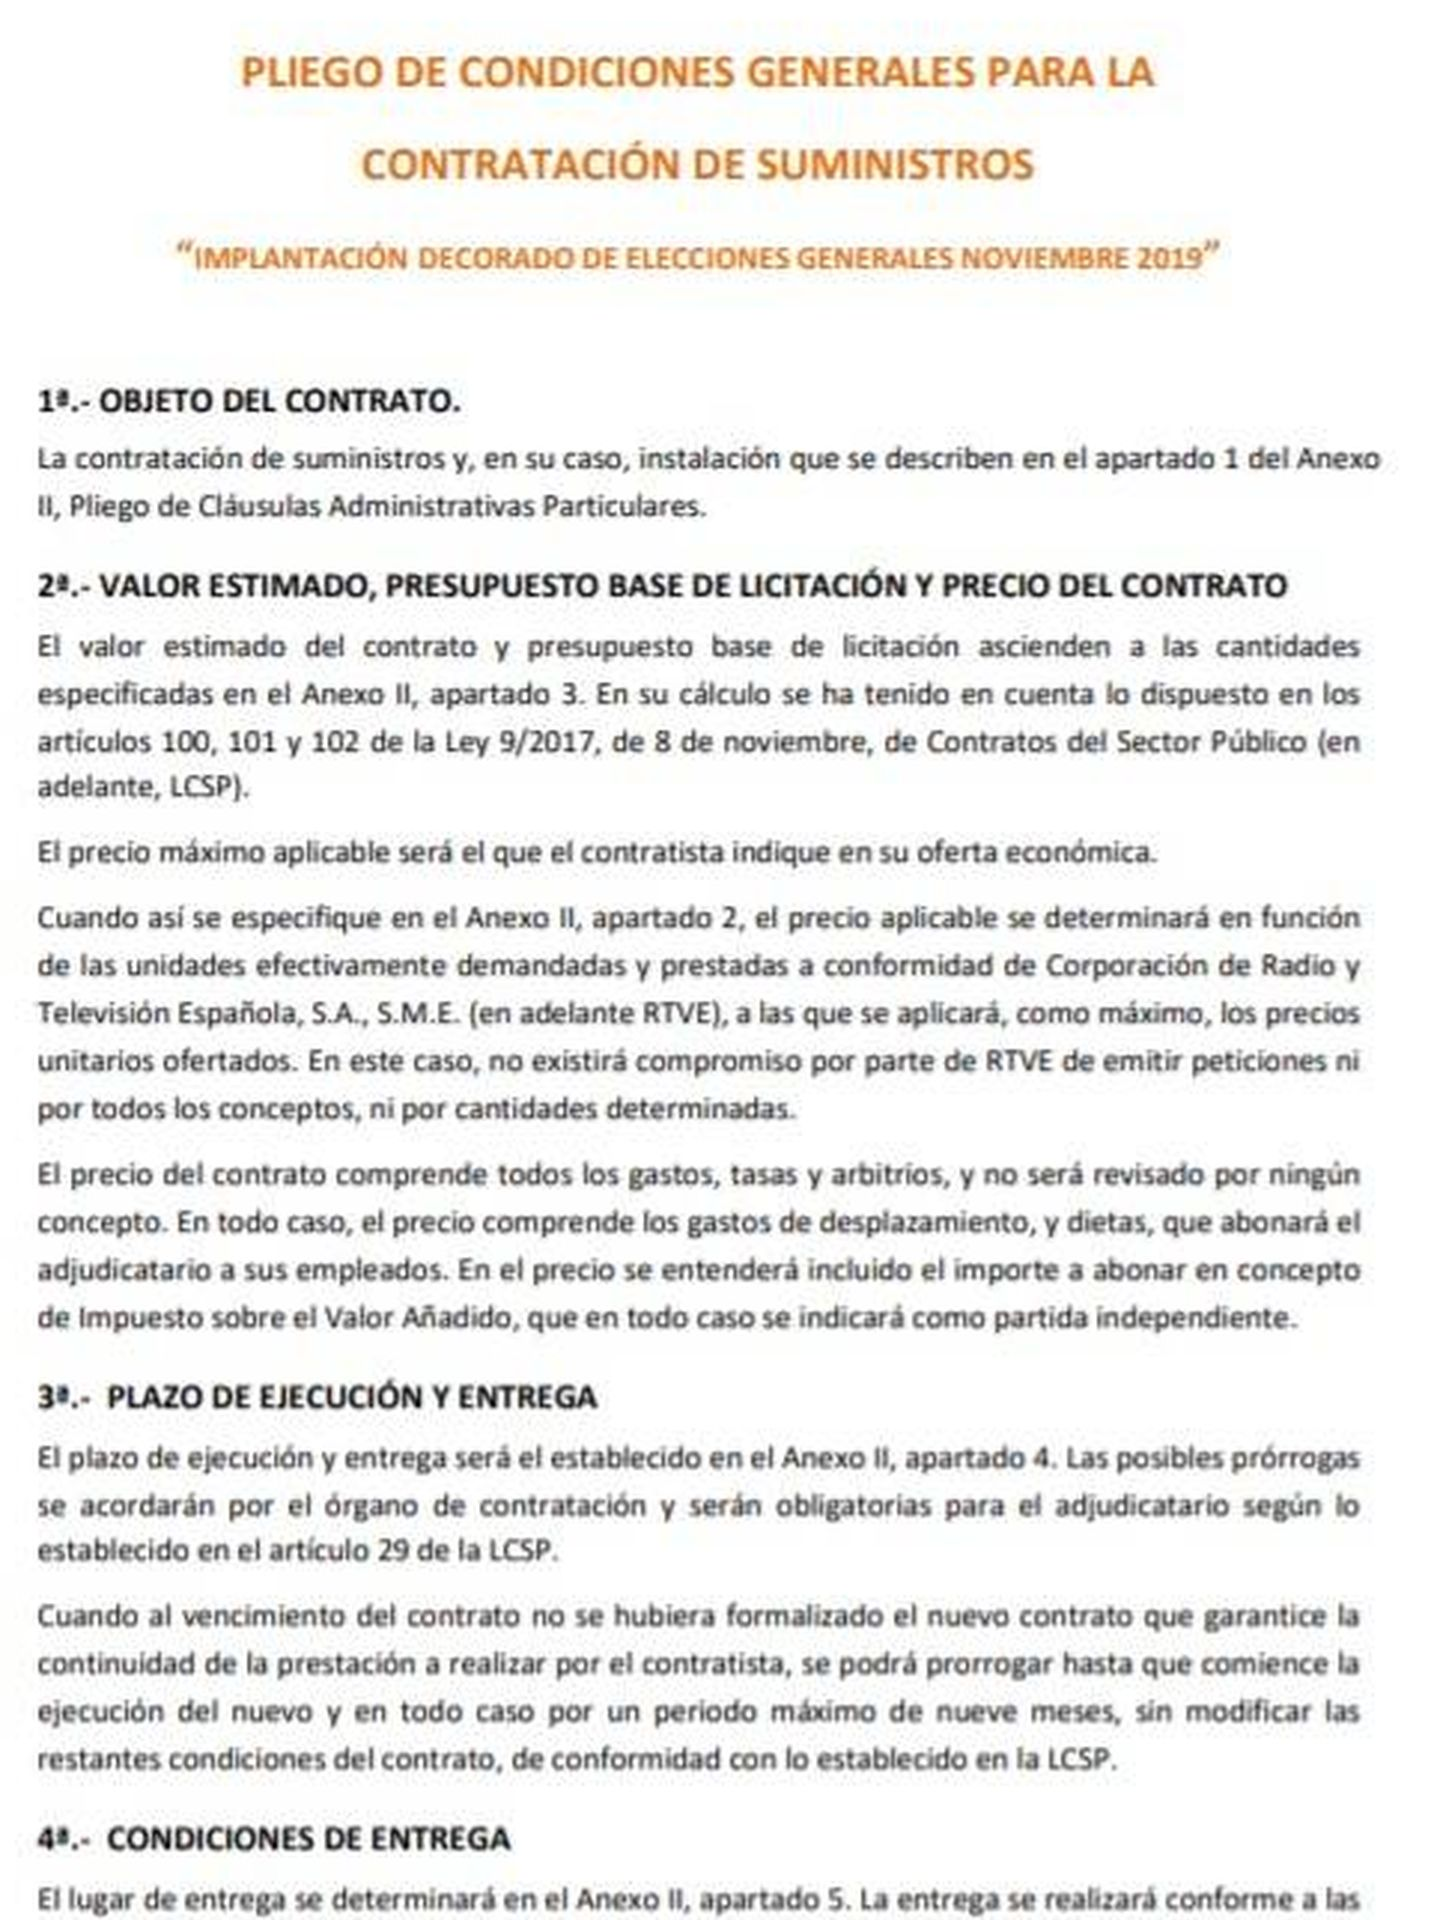 Consulte aquí en PDF el pliego de condiciones generales del contrato de RTVE para la construcción de decorados en caso de unas nuevas elecciones generales el 10-N.